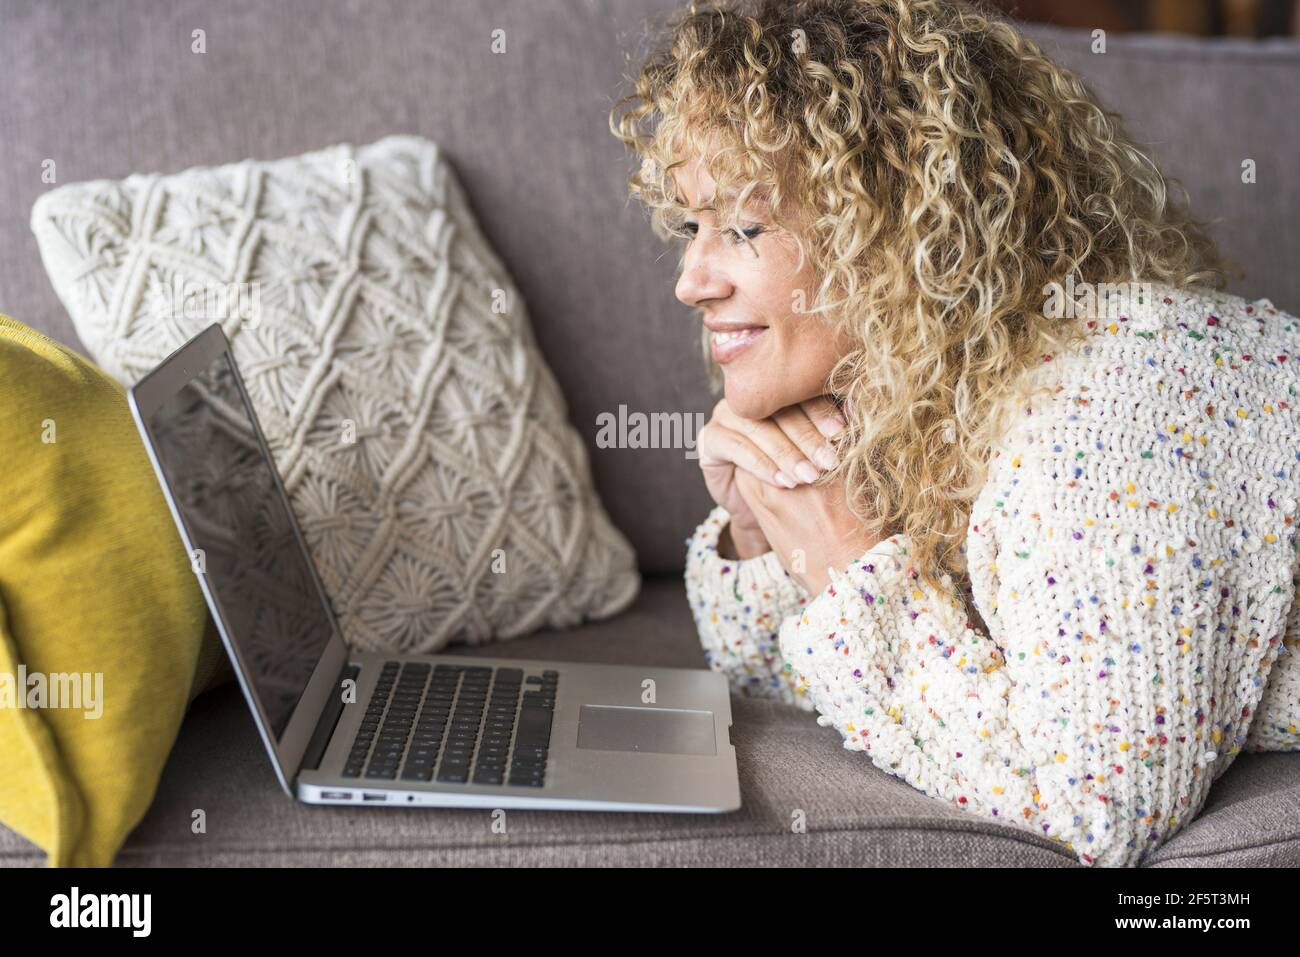 Une femme adulte s'est couché à la maison et se détend avec ordinateur portable : les utilisateurs et les appareils à la maison la vie et le séjour confortables - caucasien f Banque D'Images